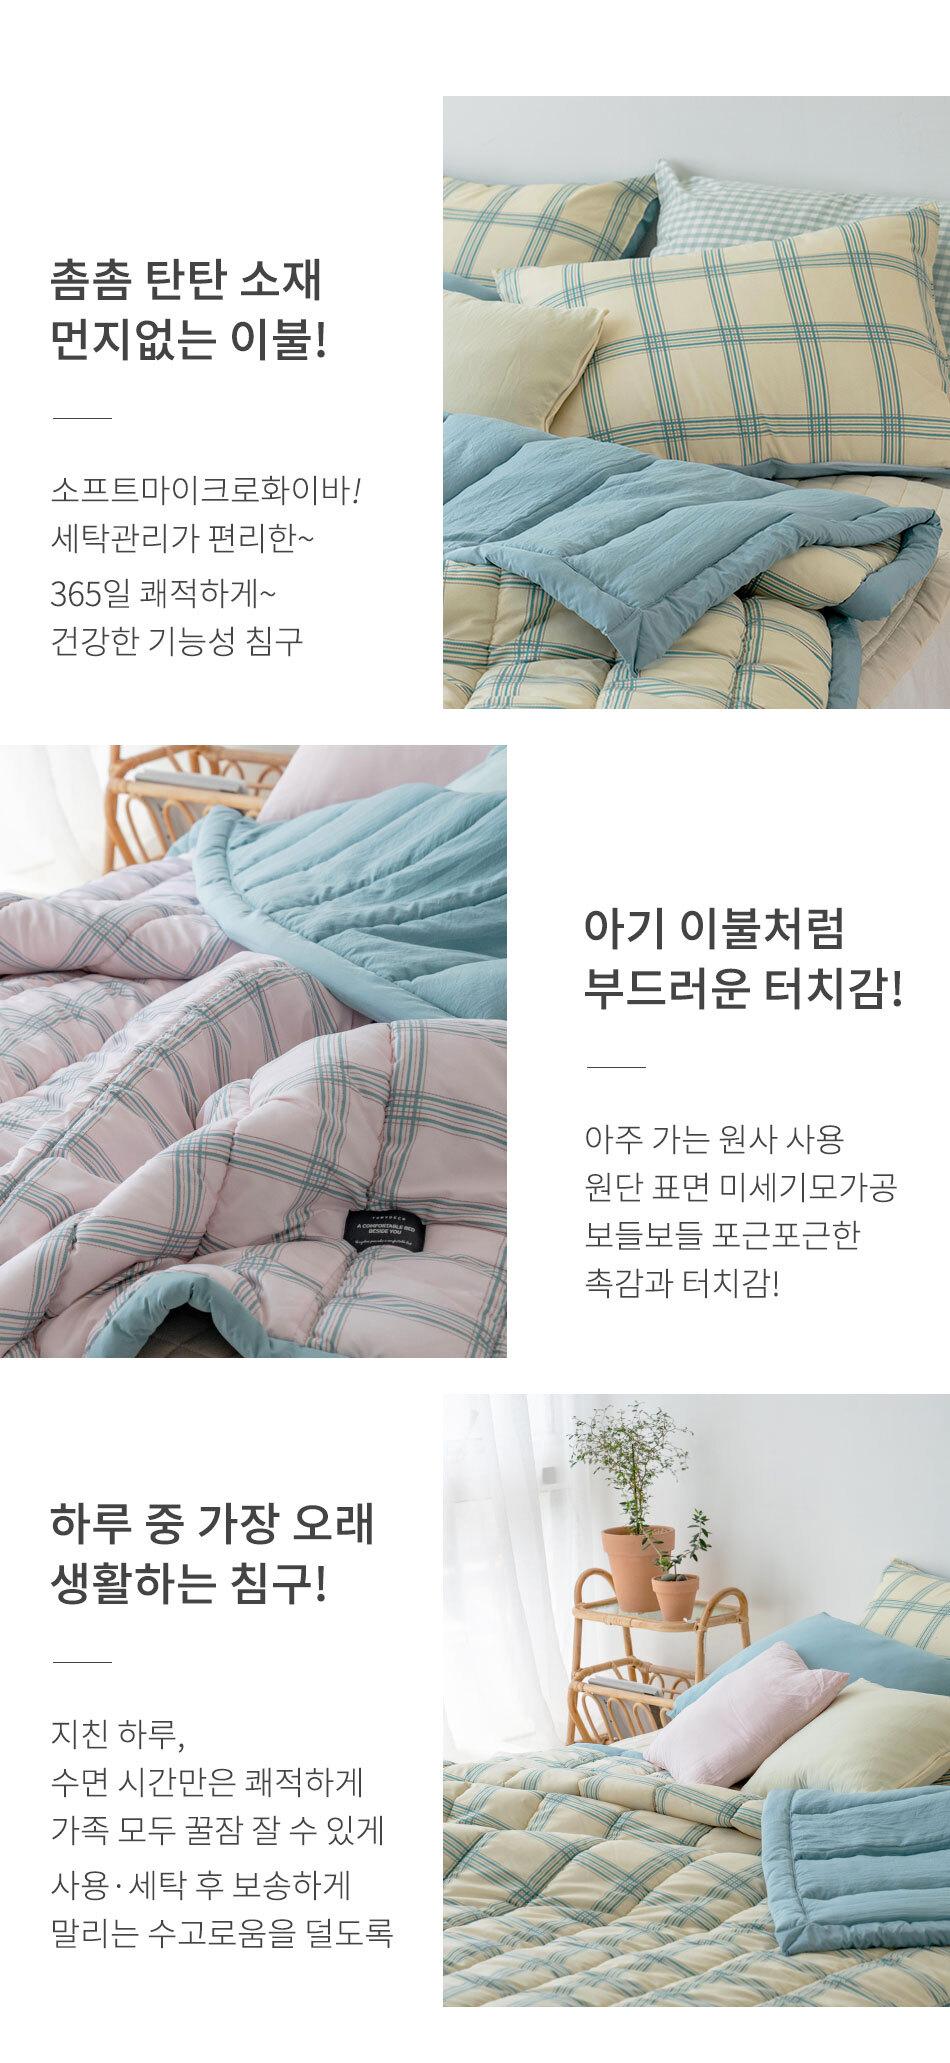 nana_bed_06.jpg